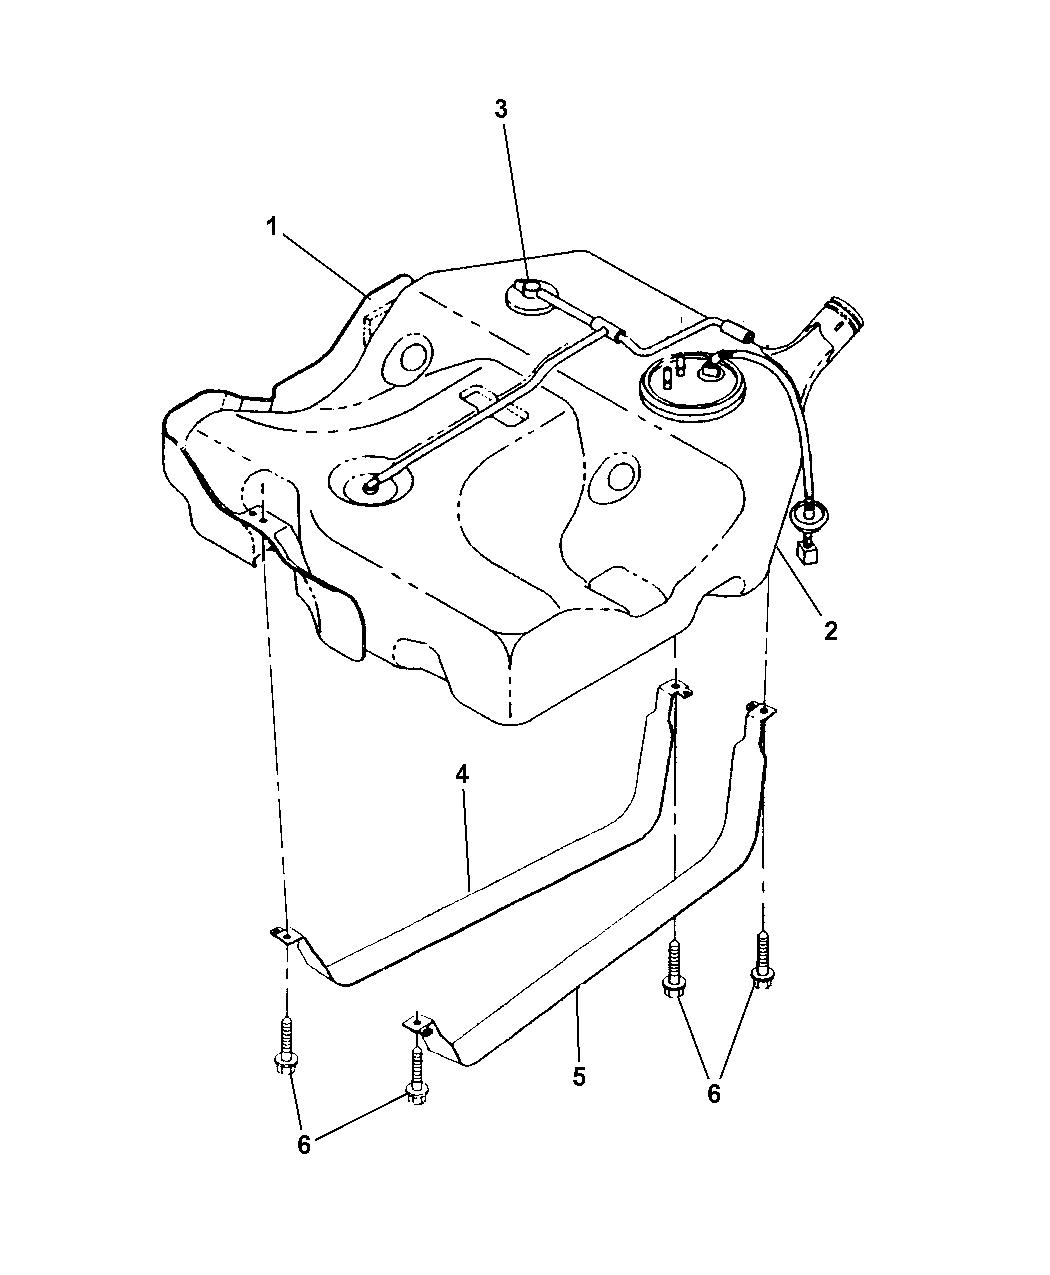 Dodge Stratus Sedan Fuel Tank